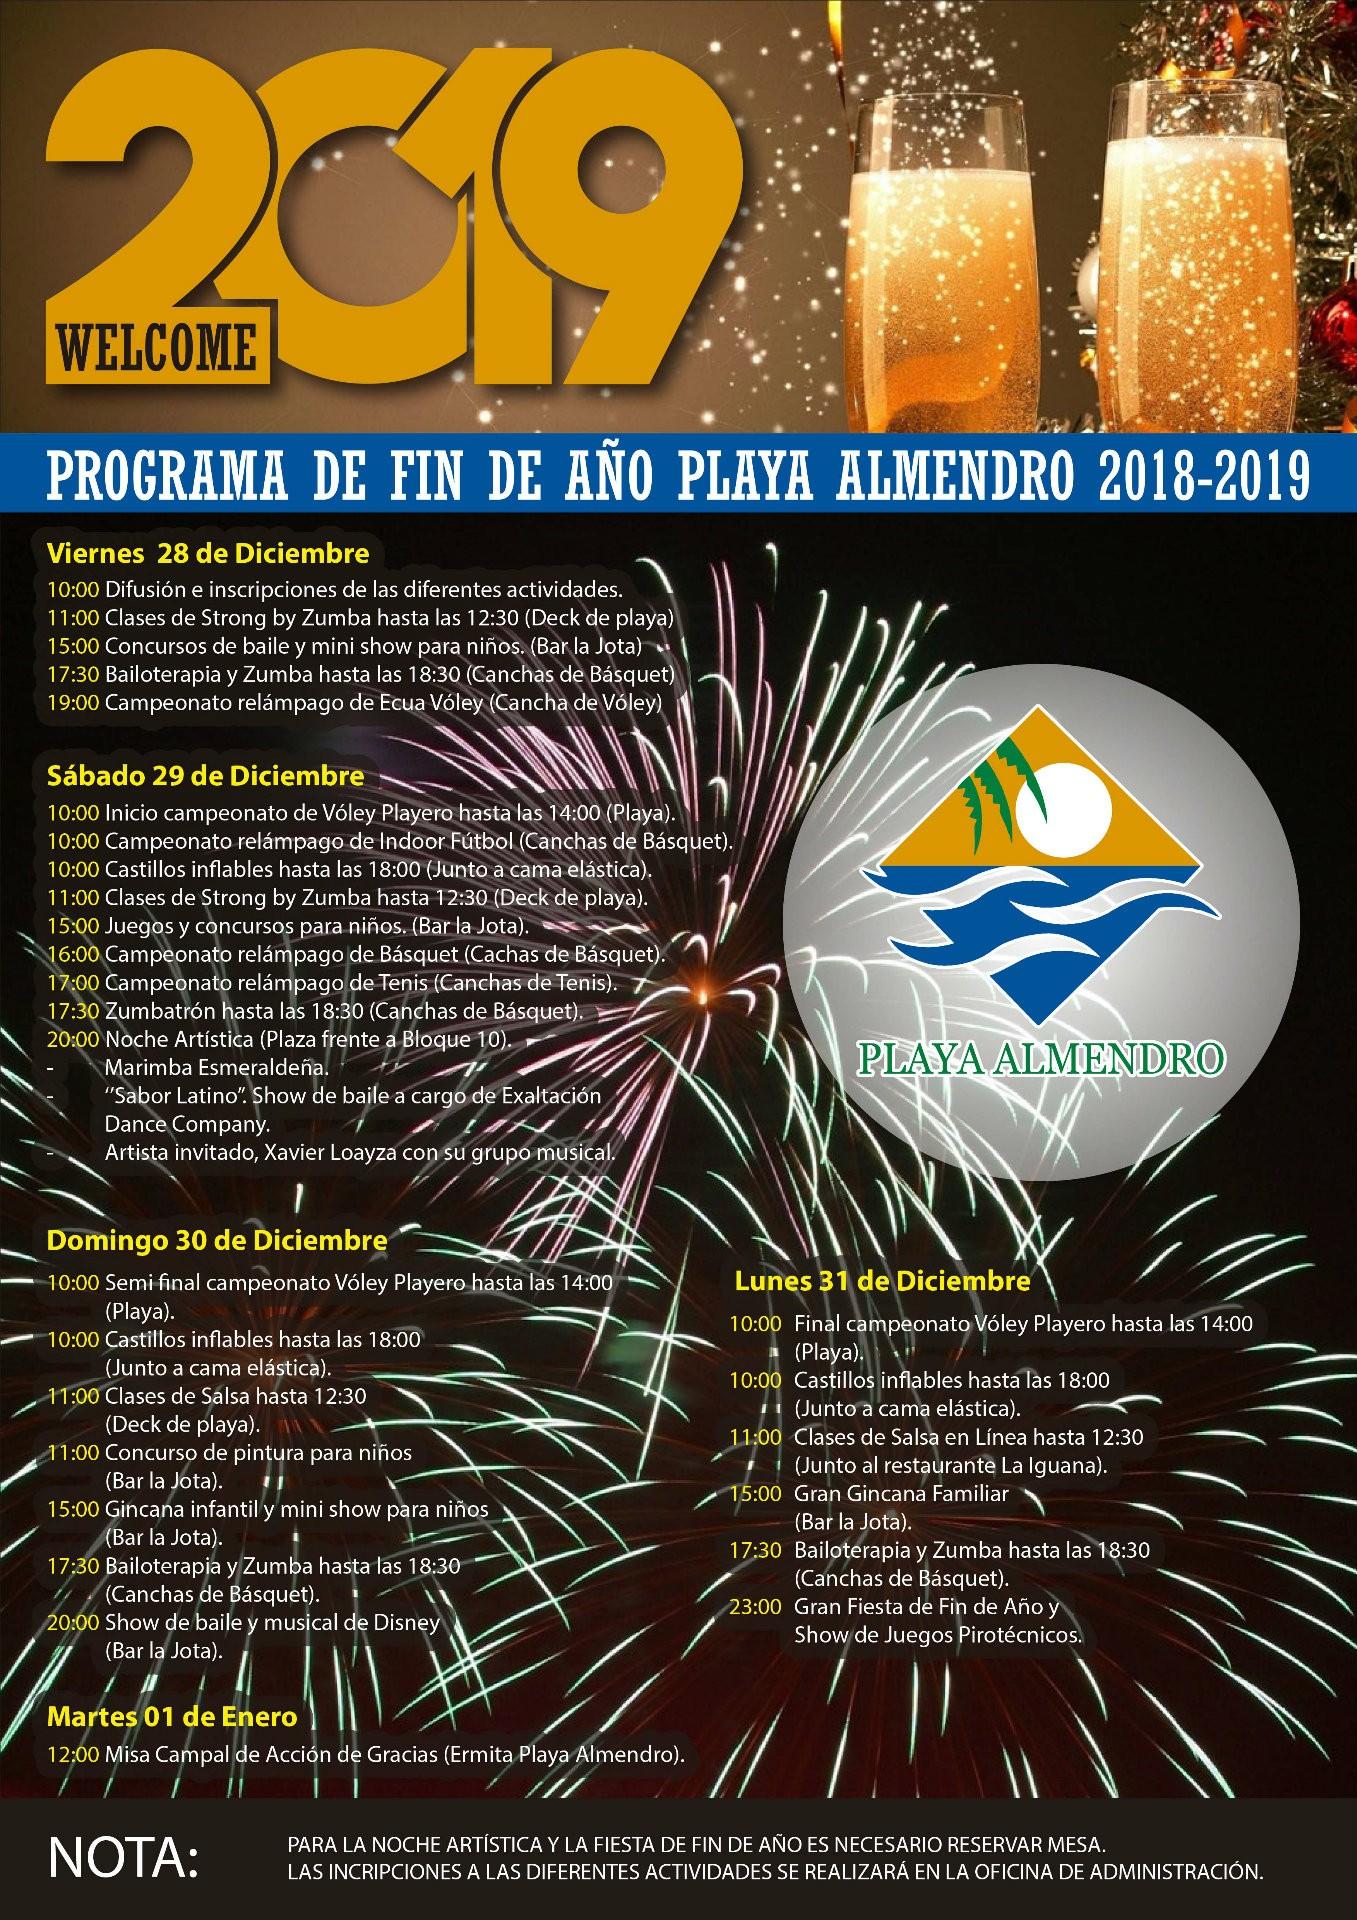 Calendario 2019 Feriados Carnaval Más Recientes Playa Almendro Home Of Calendario 2019 Feriados Carnaval Más Populares Calendário 2019